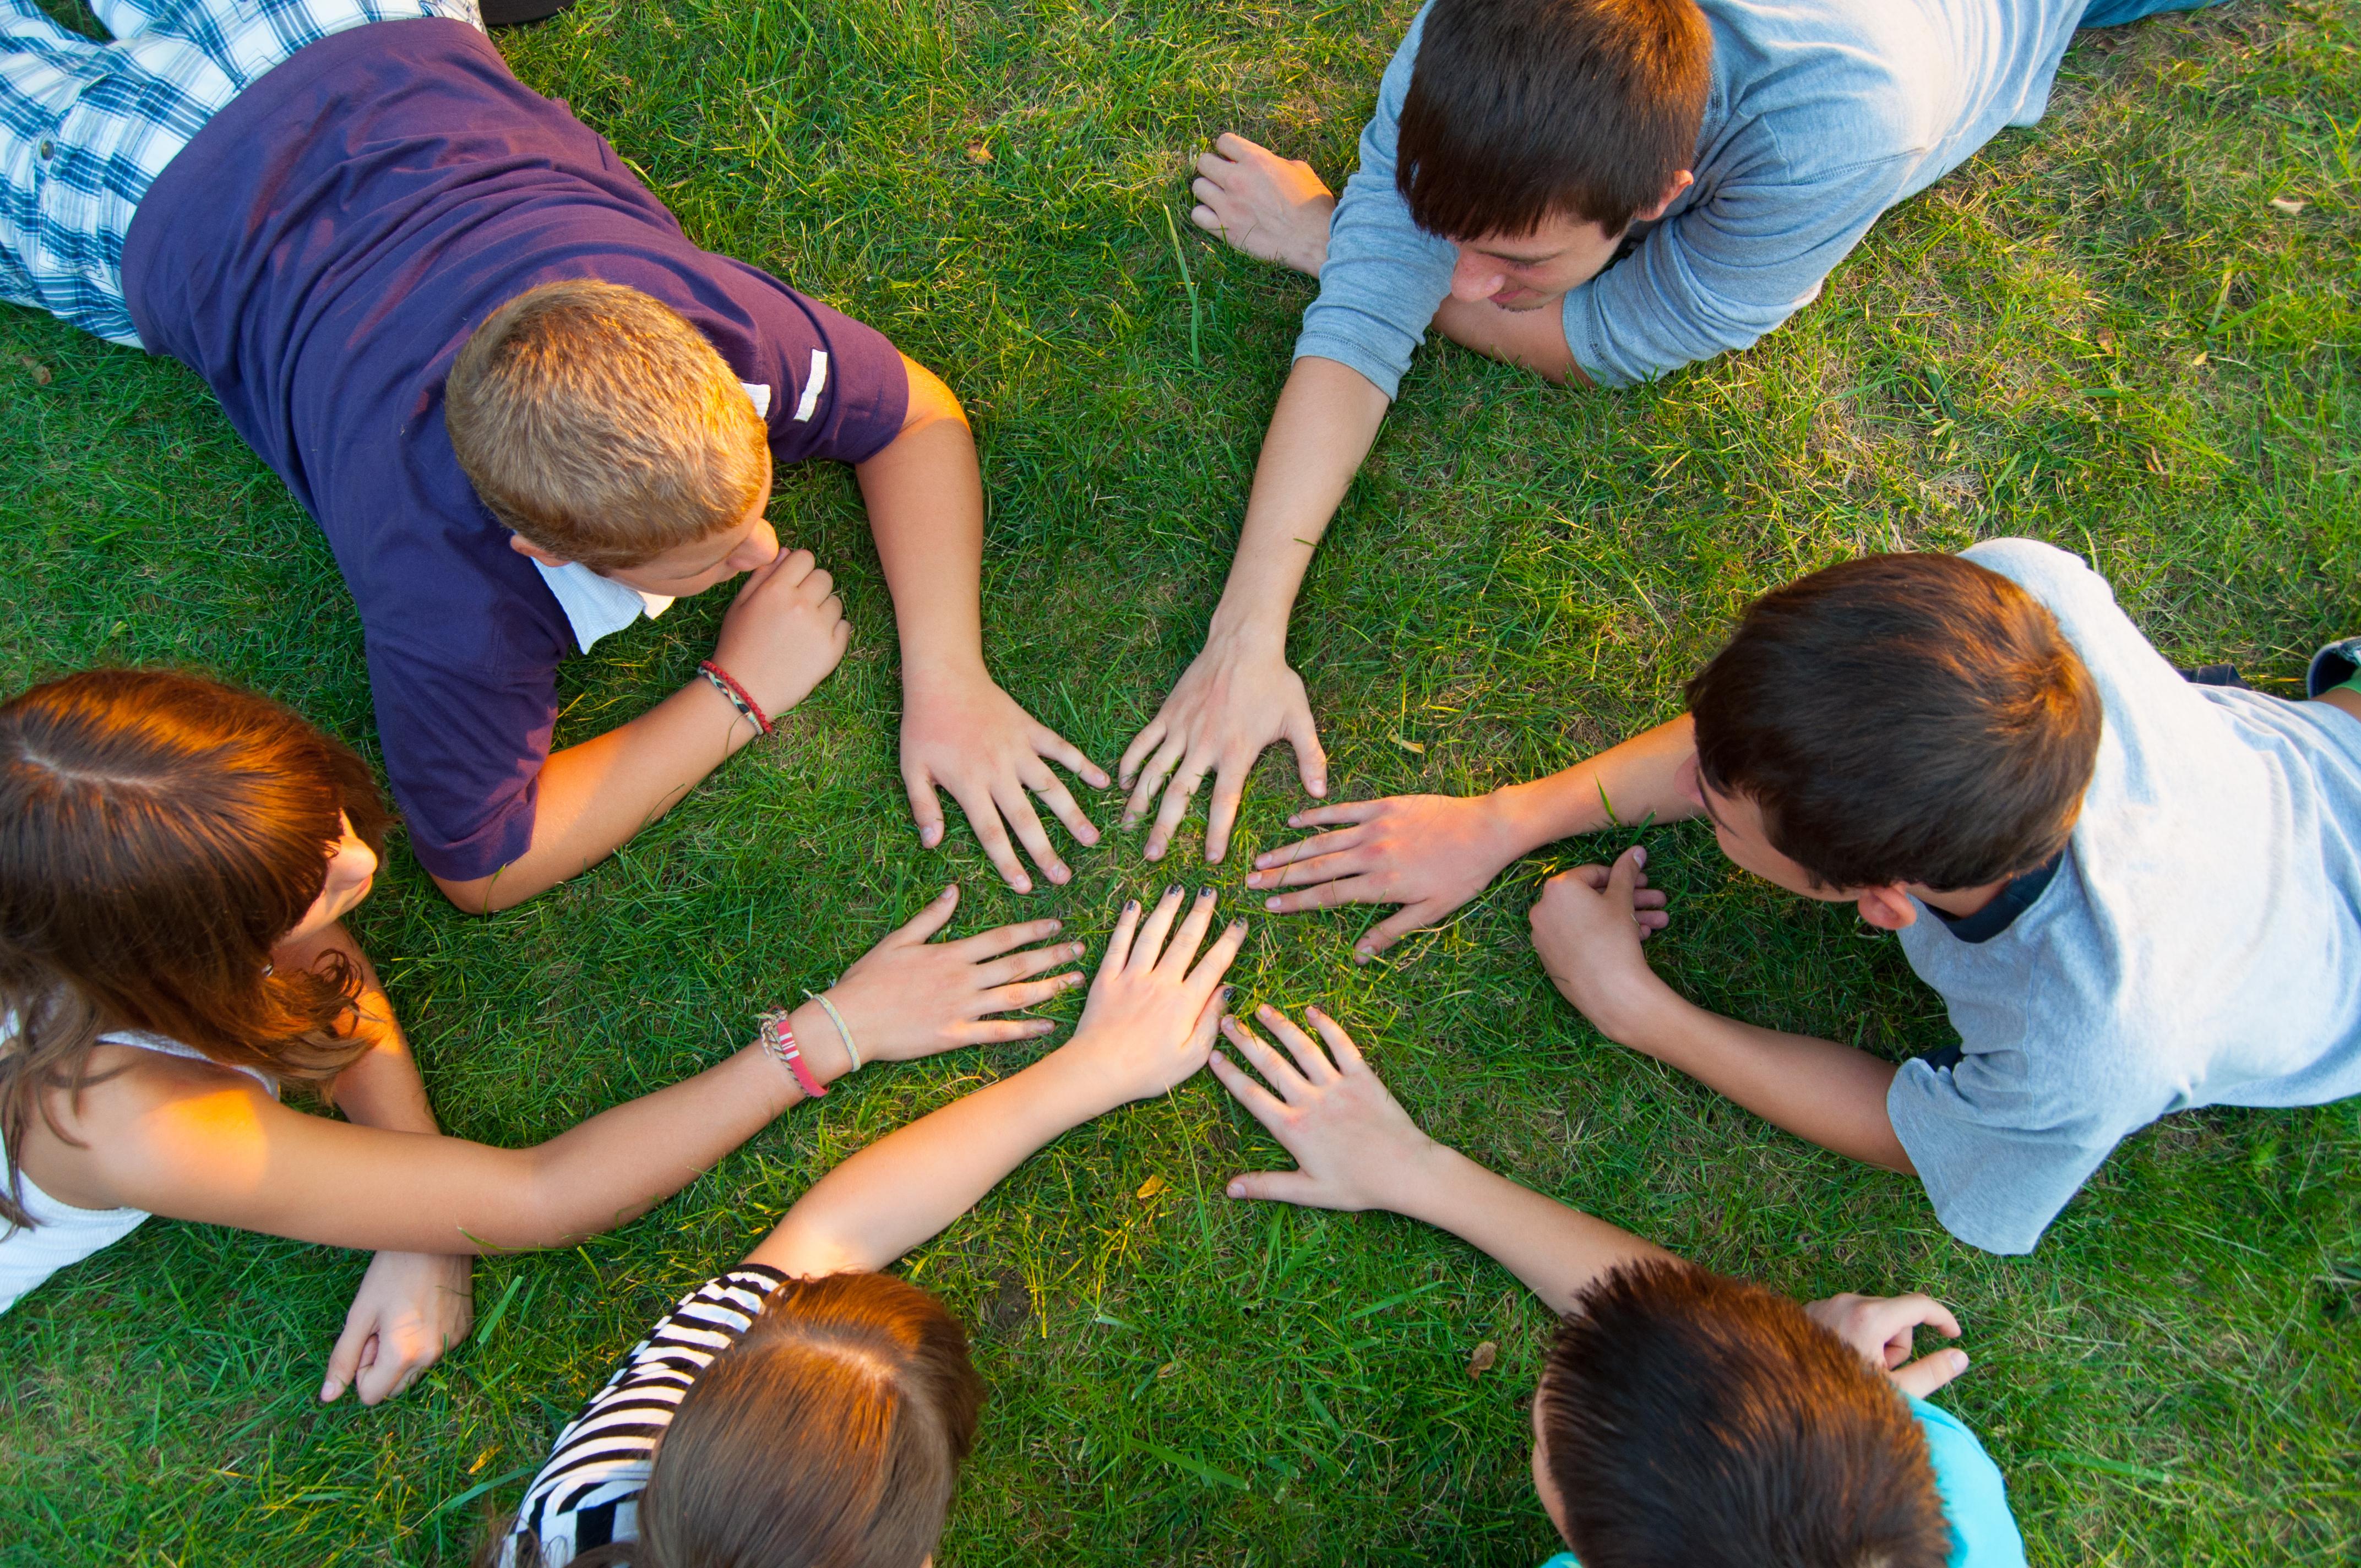 6 nuorta makoilee nurmikolla ringissä. Kaikilla käsi ringin keskellä.